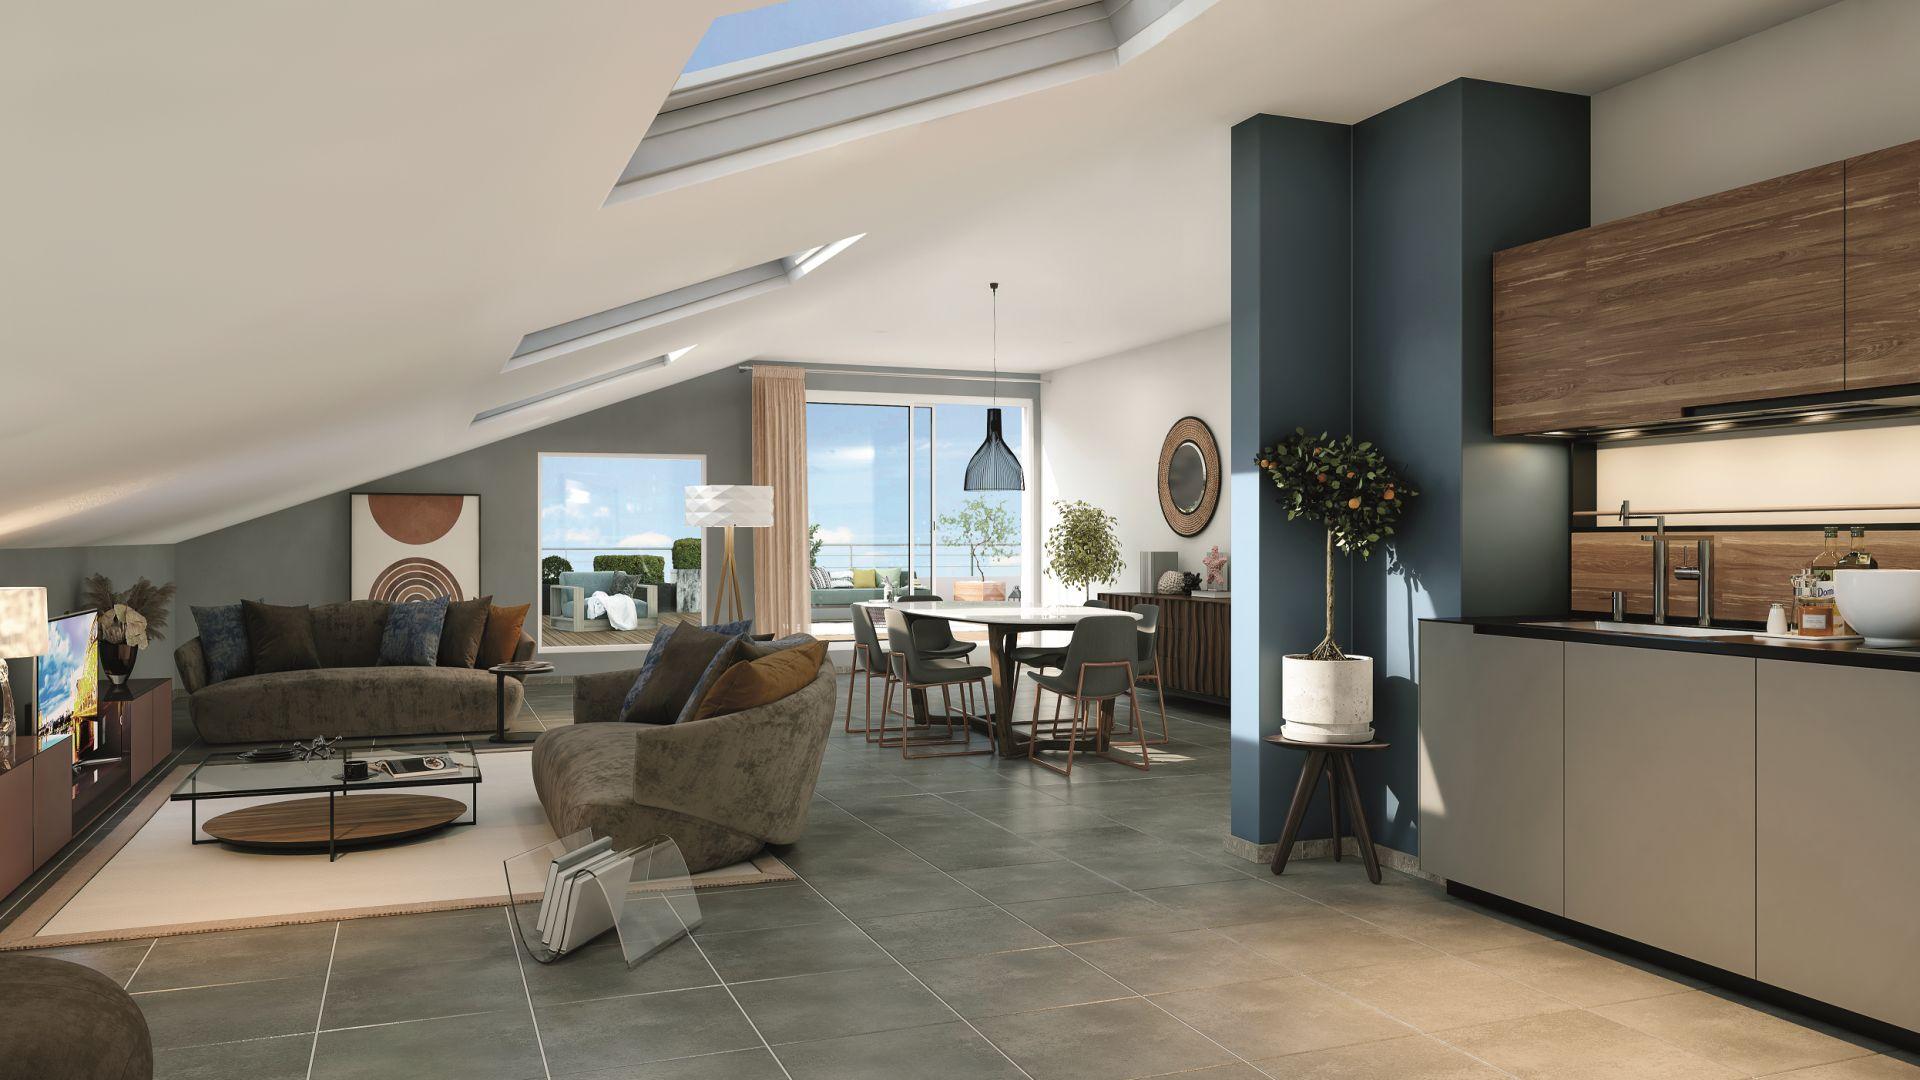 Greencity Immobilier - Toulouse Lardenne - 31100 - Les Cèdres Bleus - achat appartements du T2 au T4 - vue intérieure